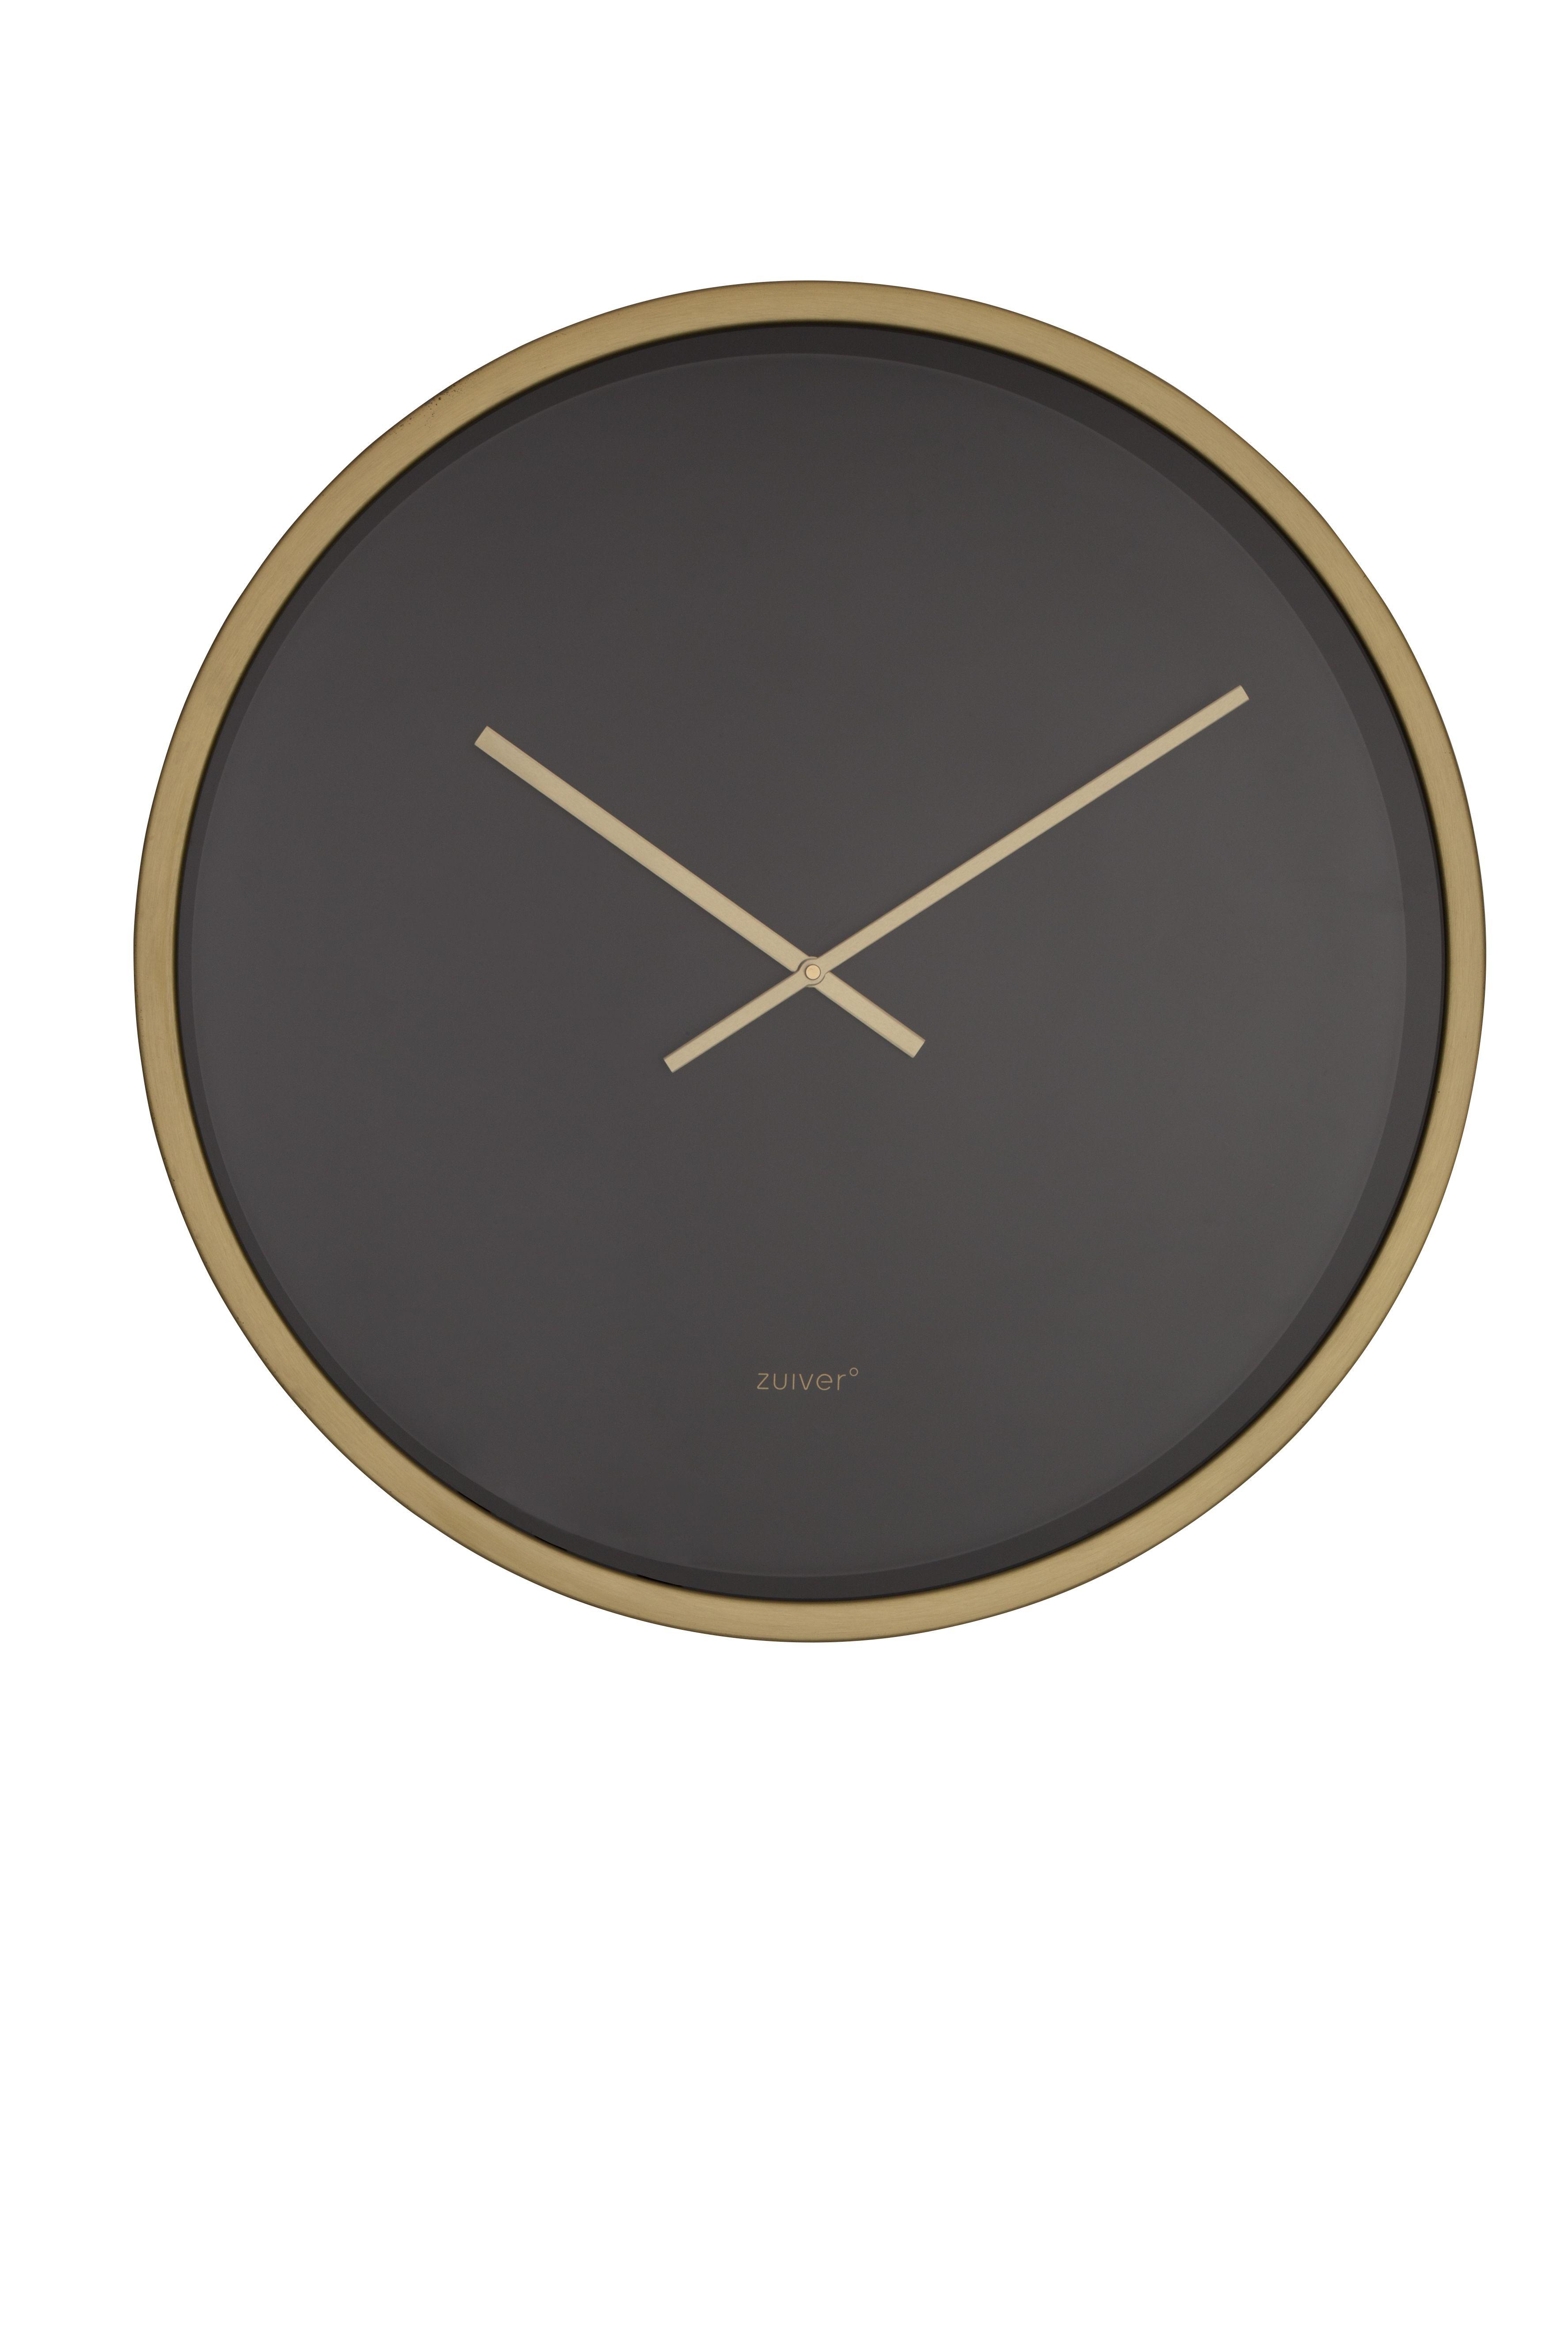 Time Bandit Zuiver Modern Wall Clock Design Contemporary Wall Clock Wall Clock Design